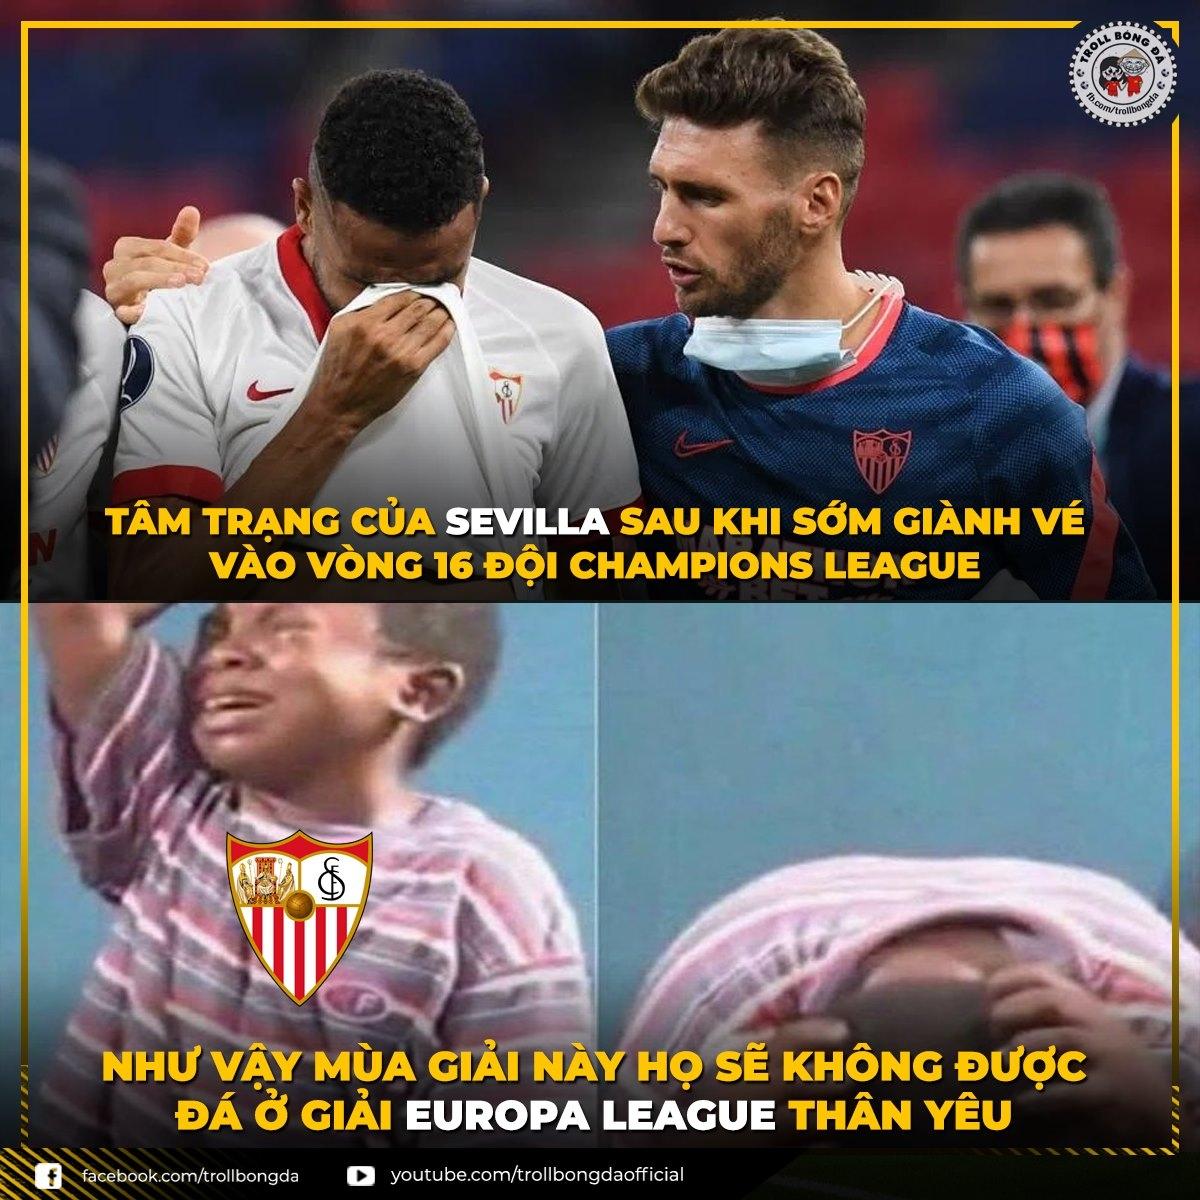 Sevilla chính thức trở thành cựu vương Europa League. (Ảnh: Troll Bóng Đá)